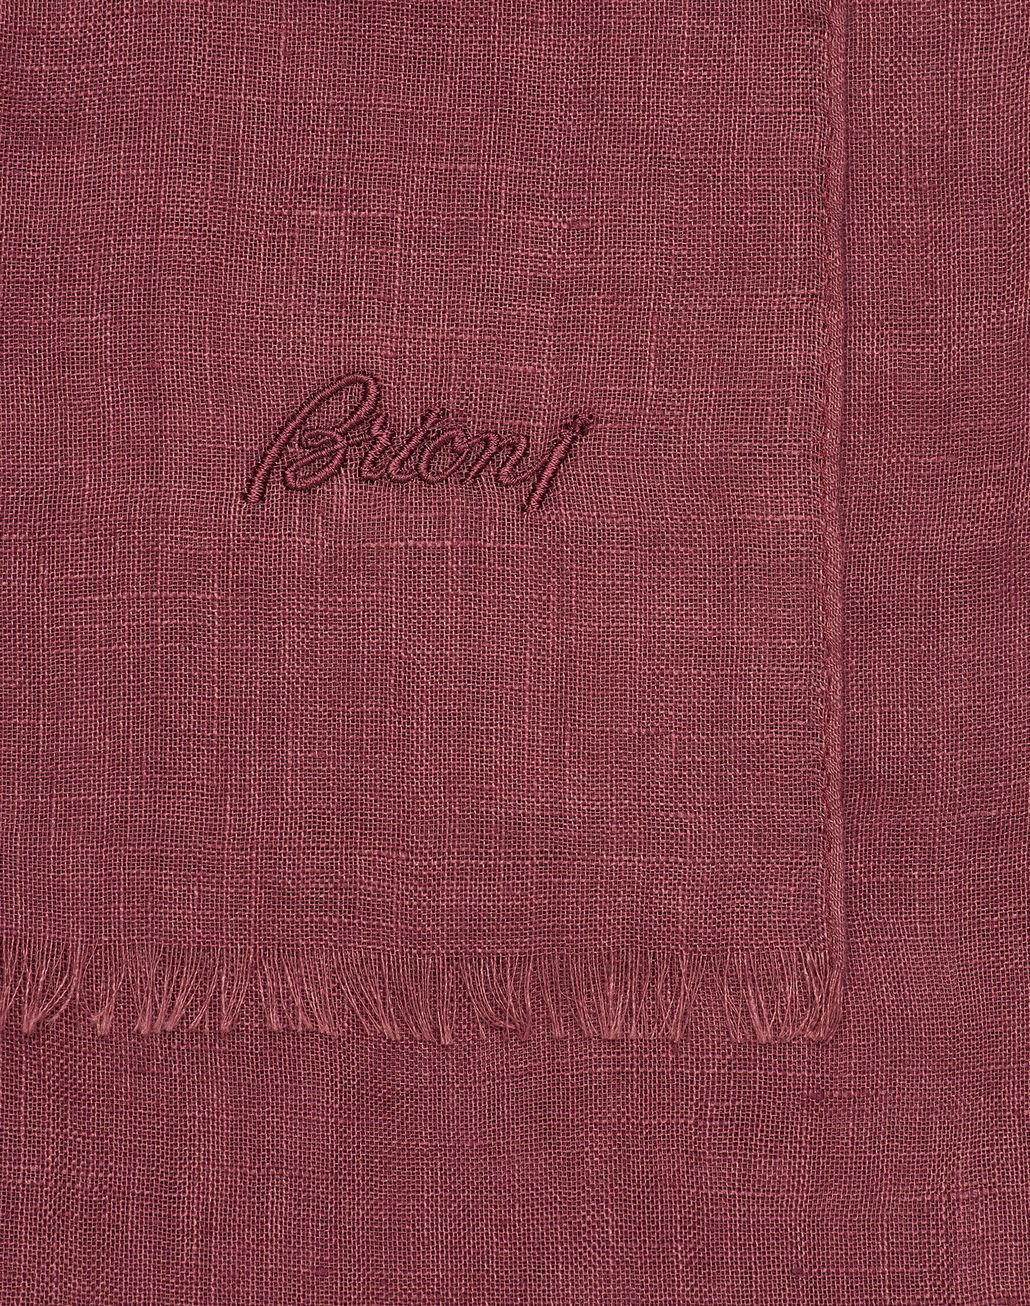 BRIONI Бордовый льняной шарф Шарф Для Мужчин d